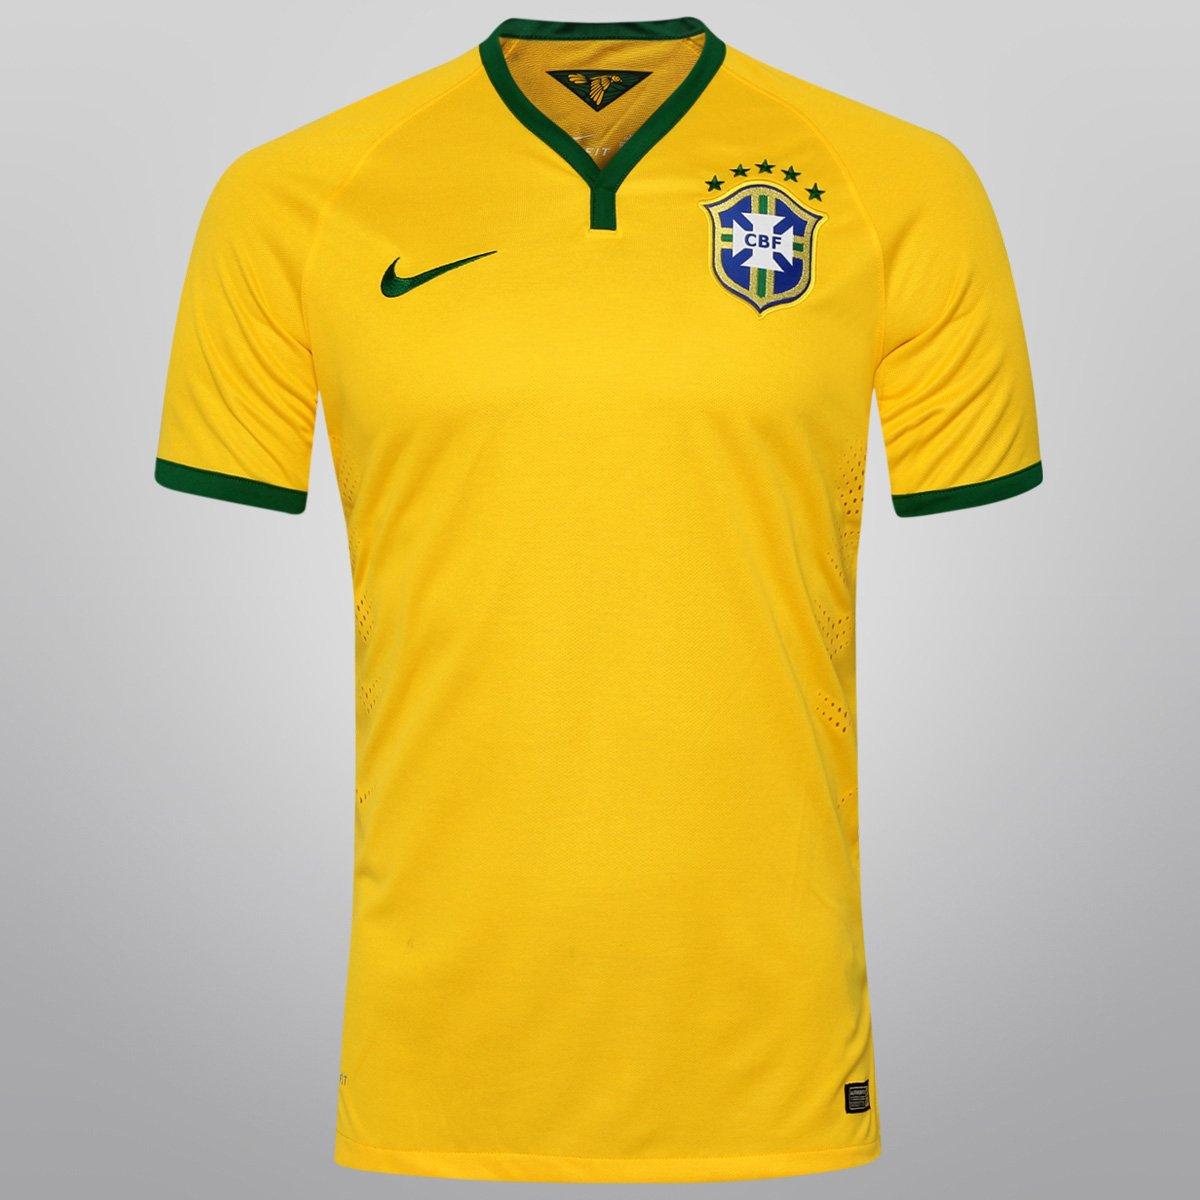 92c691770b Camisa Nike Seleção Brasil I 2014 nº 10 - Jogador - Compre Agora ...